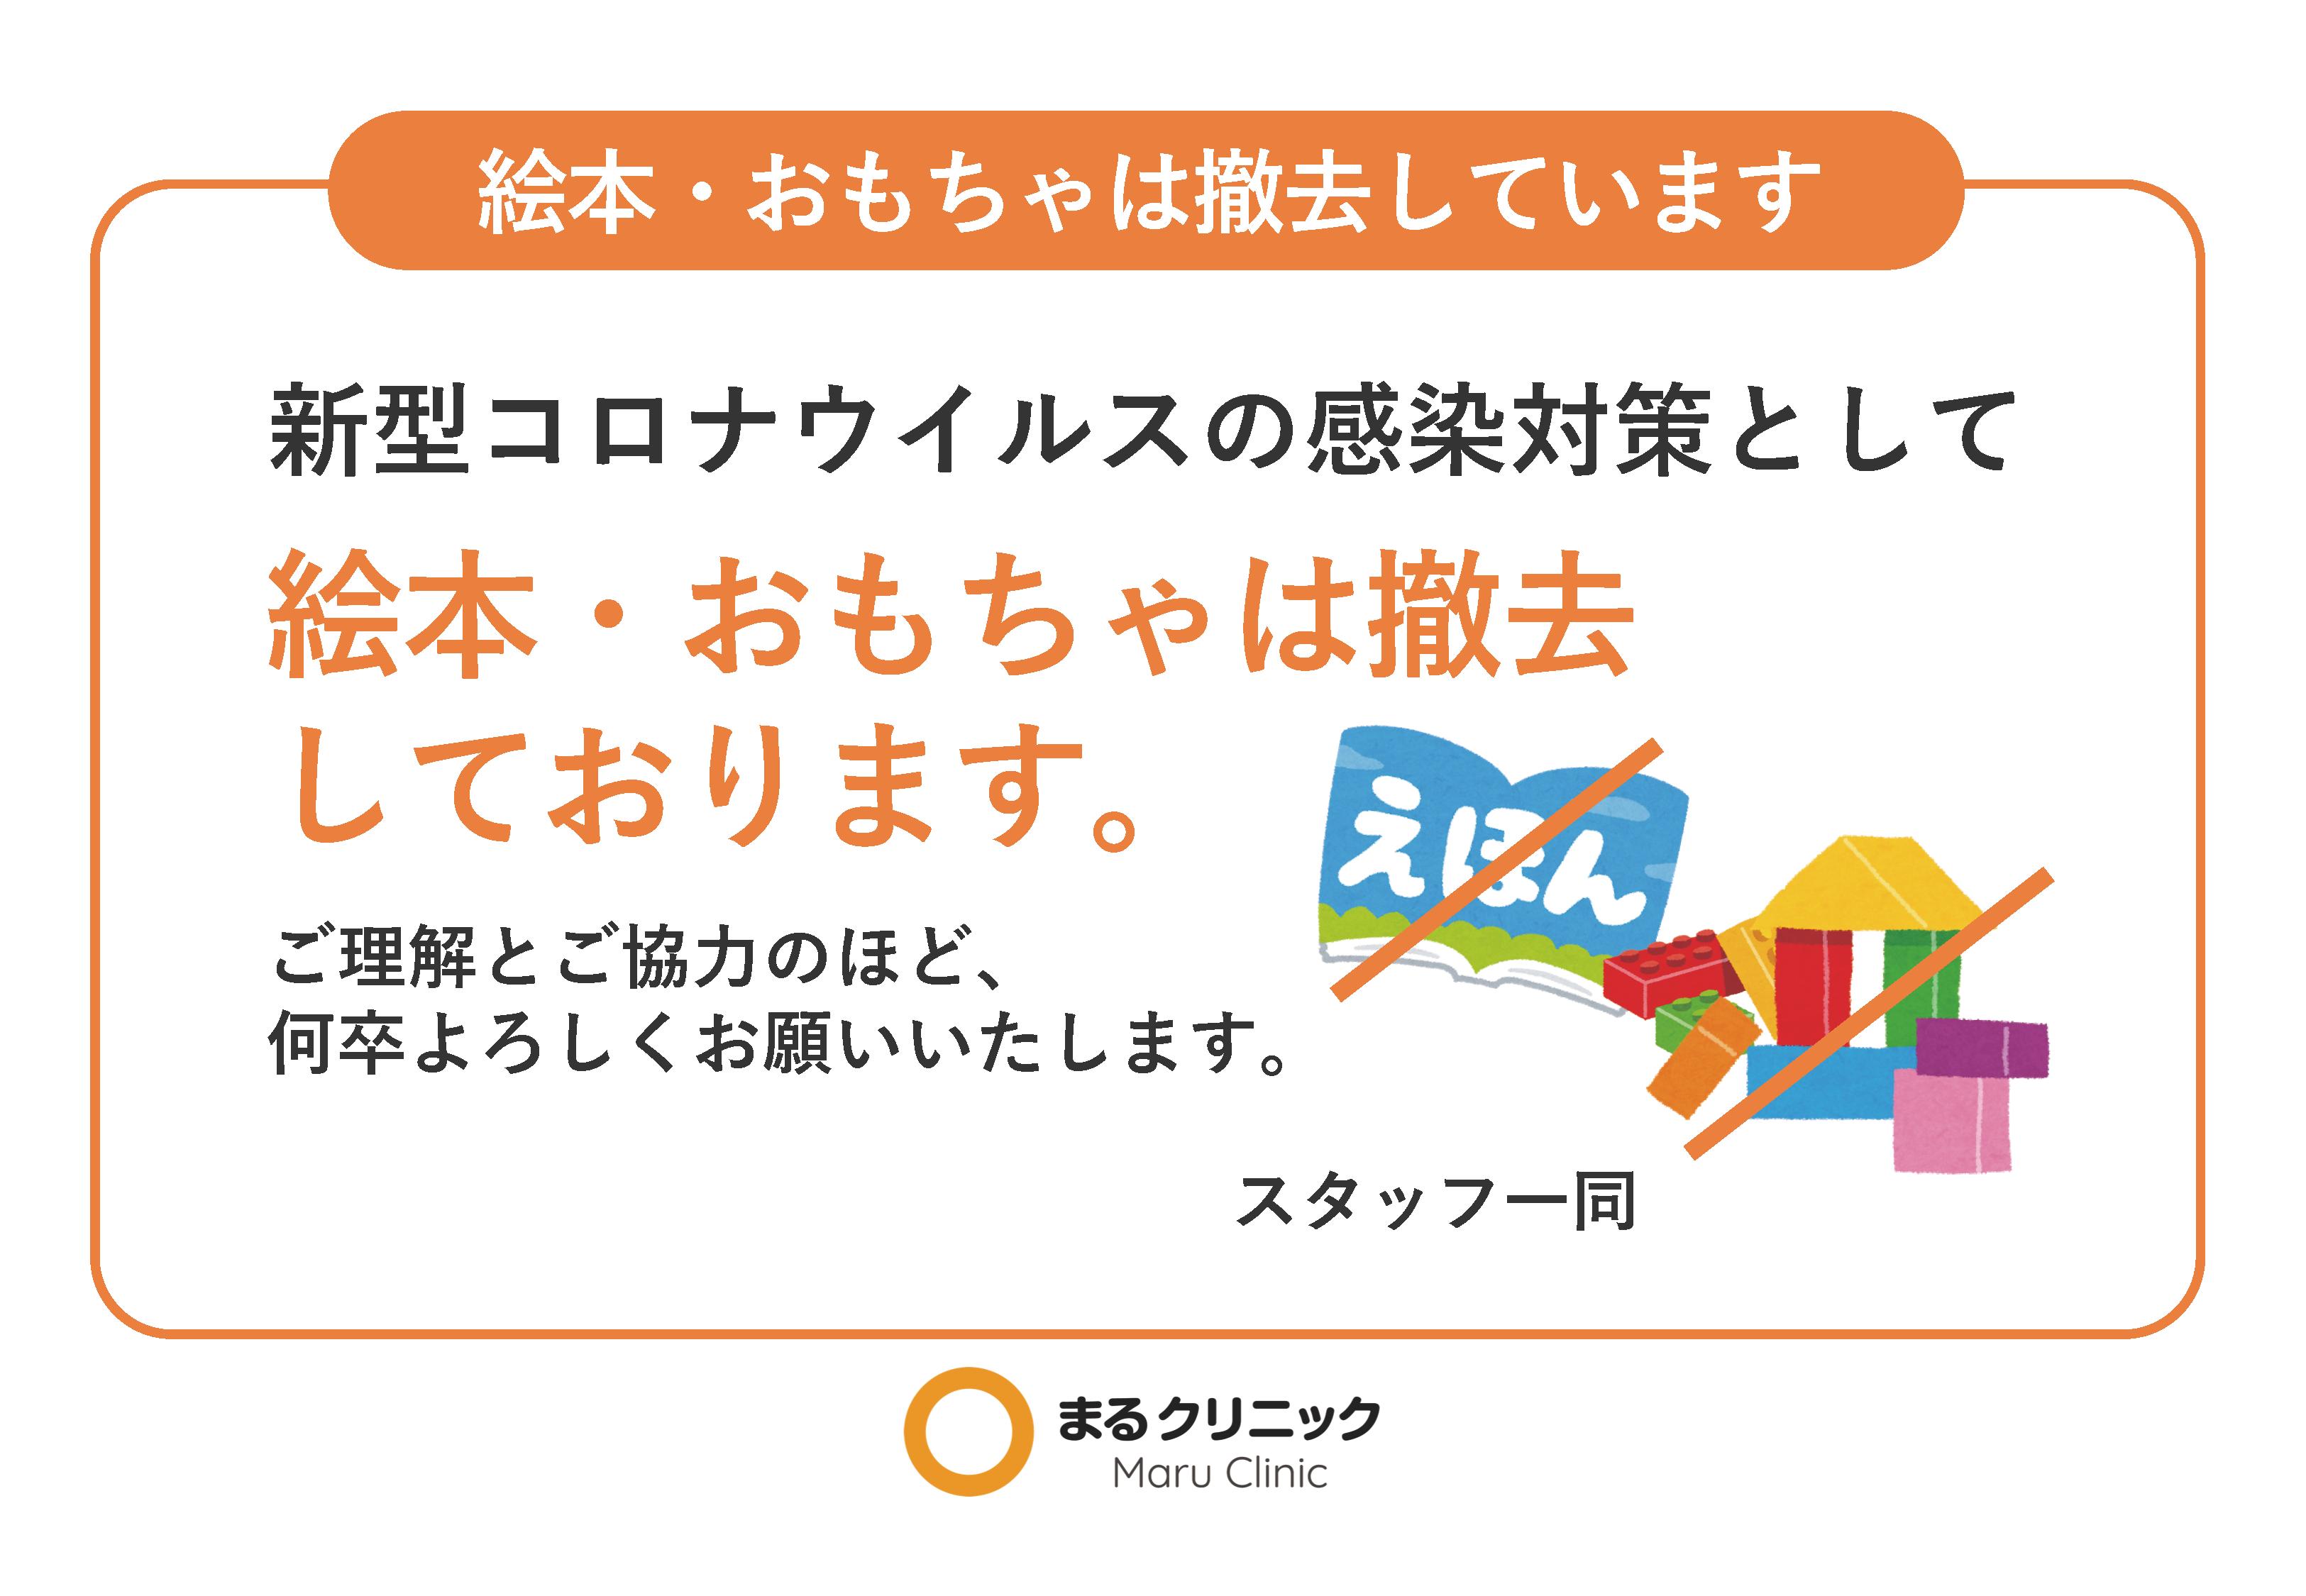 おもちゃ・絵本撤去のお知らせ 【新型コロナウイルス対策ツール】